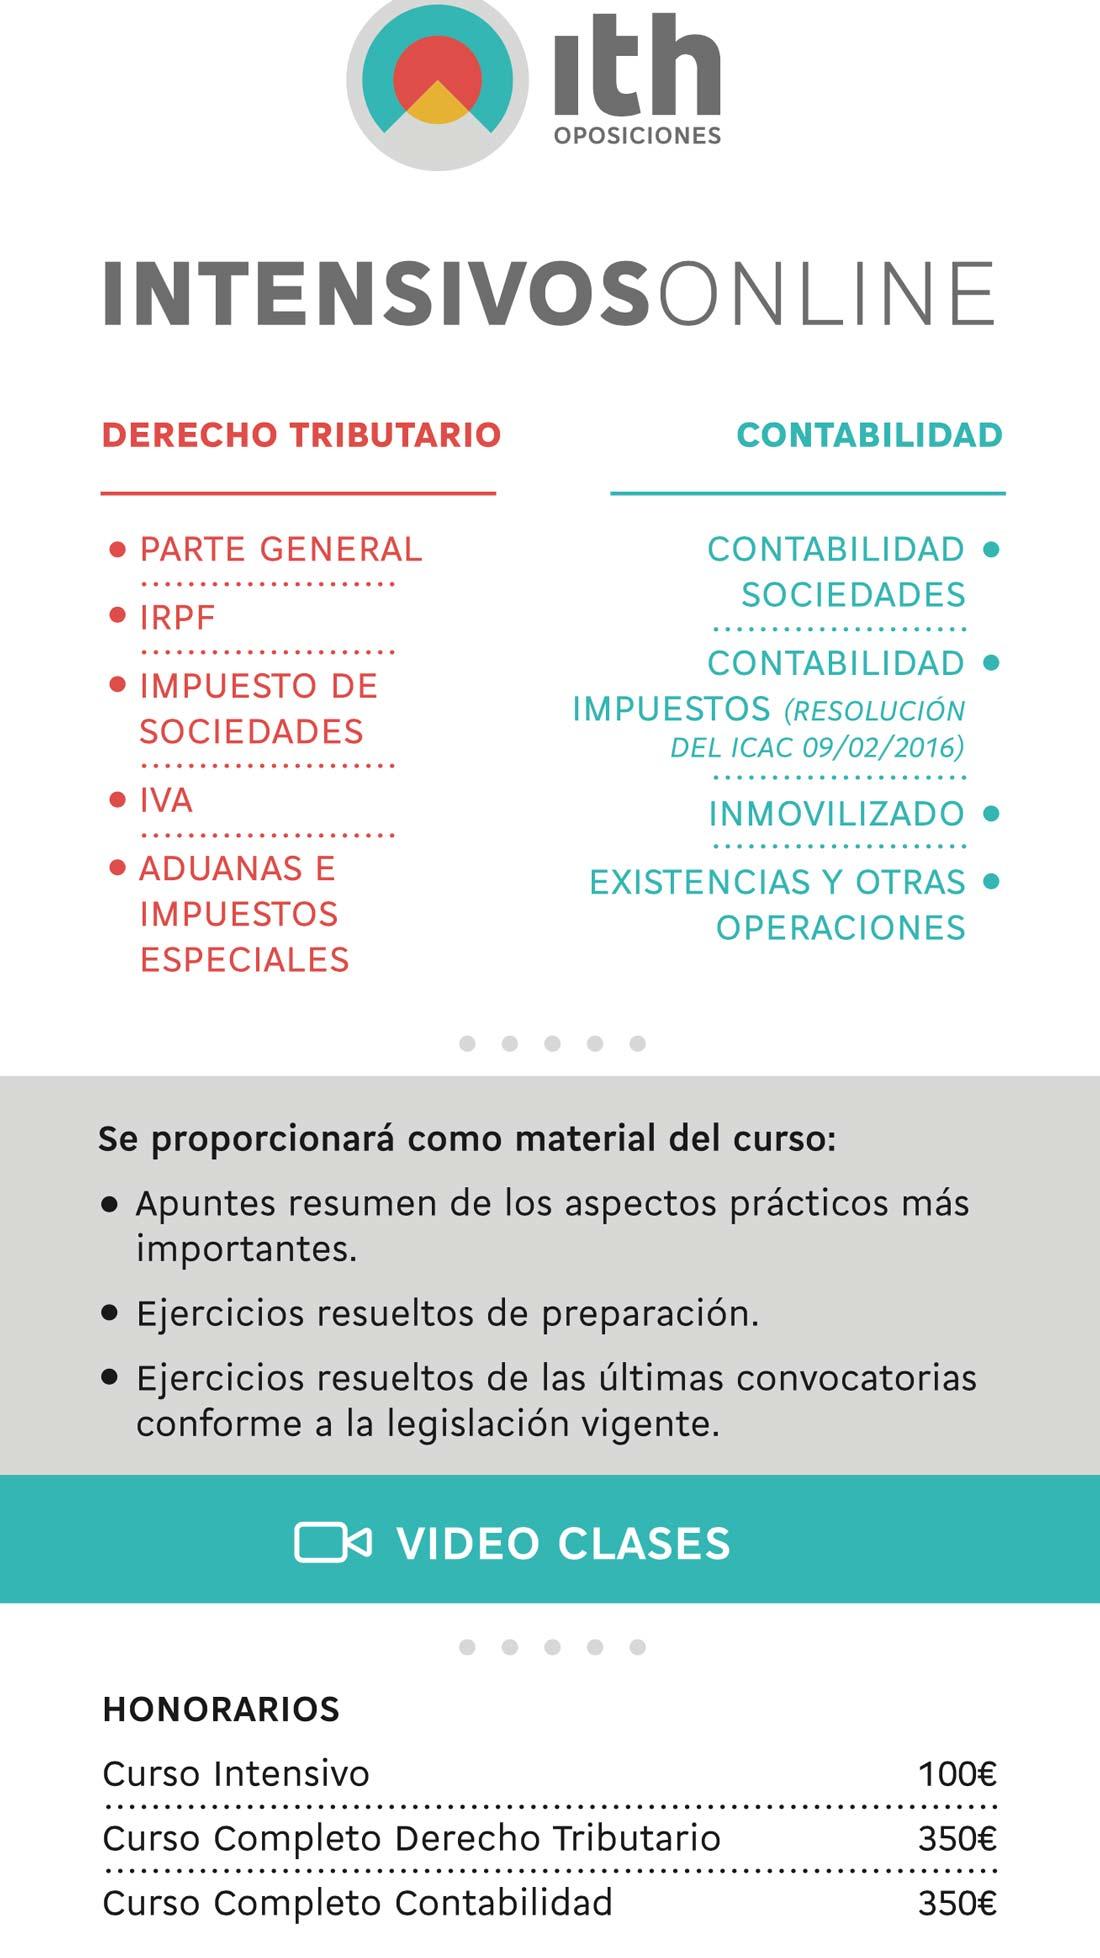 ithoposiciones_cursos_intensivos_online